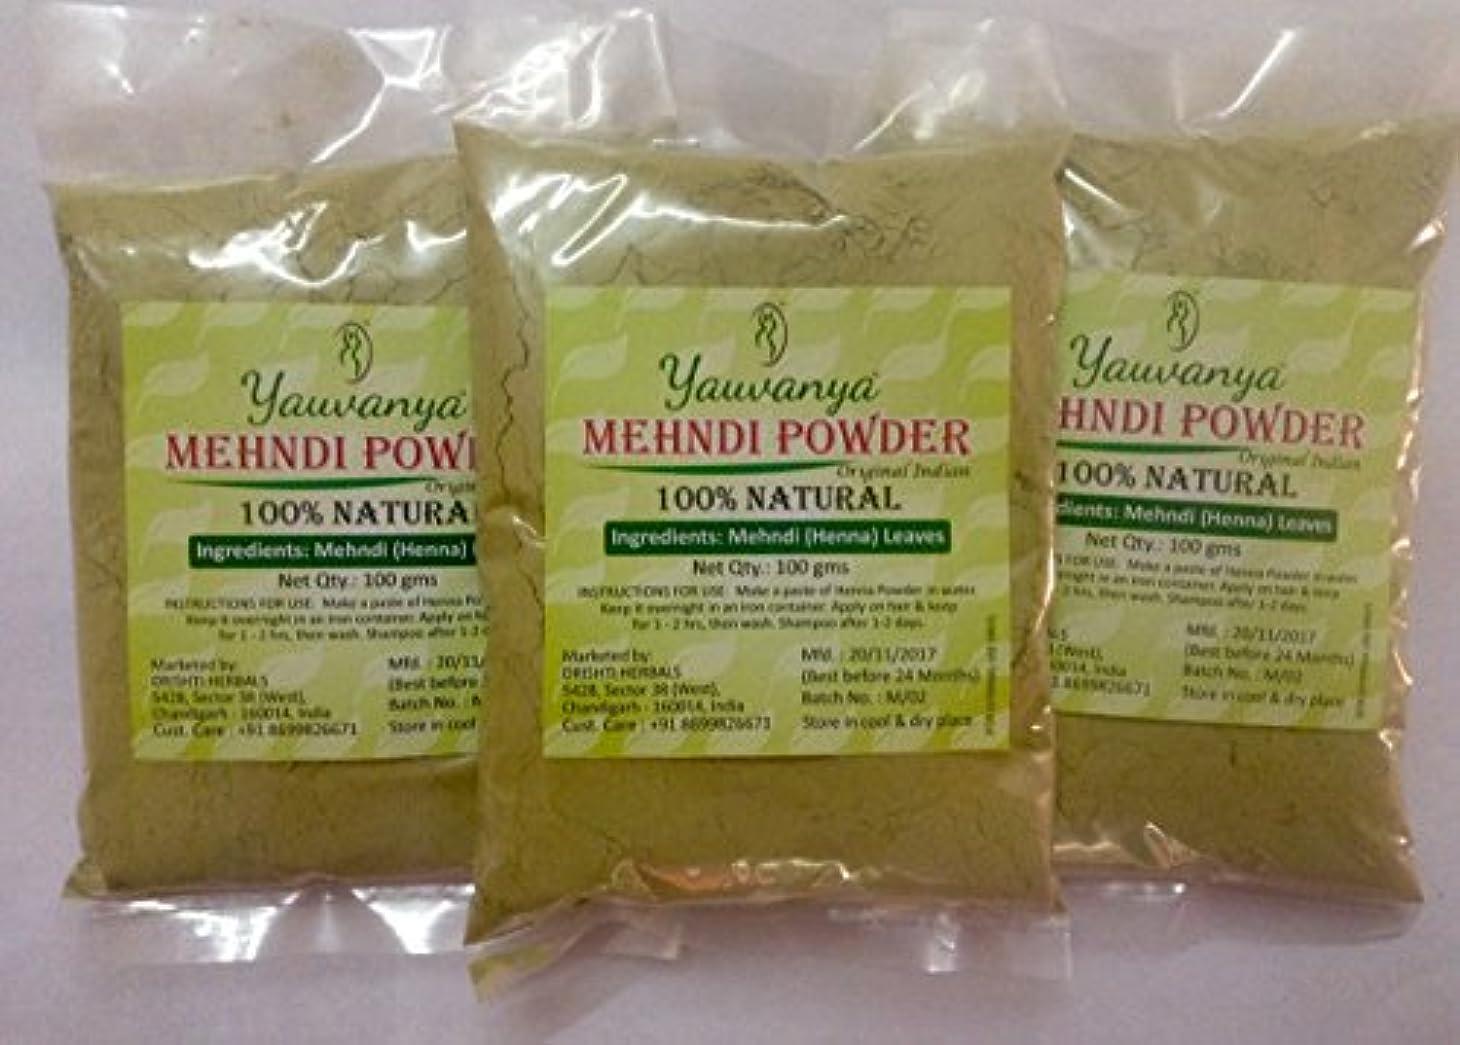 カバレッジ牧草地ファンYauvanyaオリジナルインディアンピュア&ナチュラルヘナ(Mehndi)for Hair - 3X100 gms (Yauvanya Original Indian Pure and Natural Henna (Mehndi...